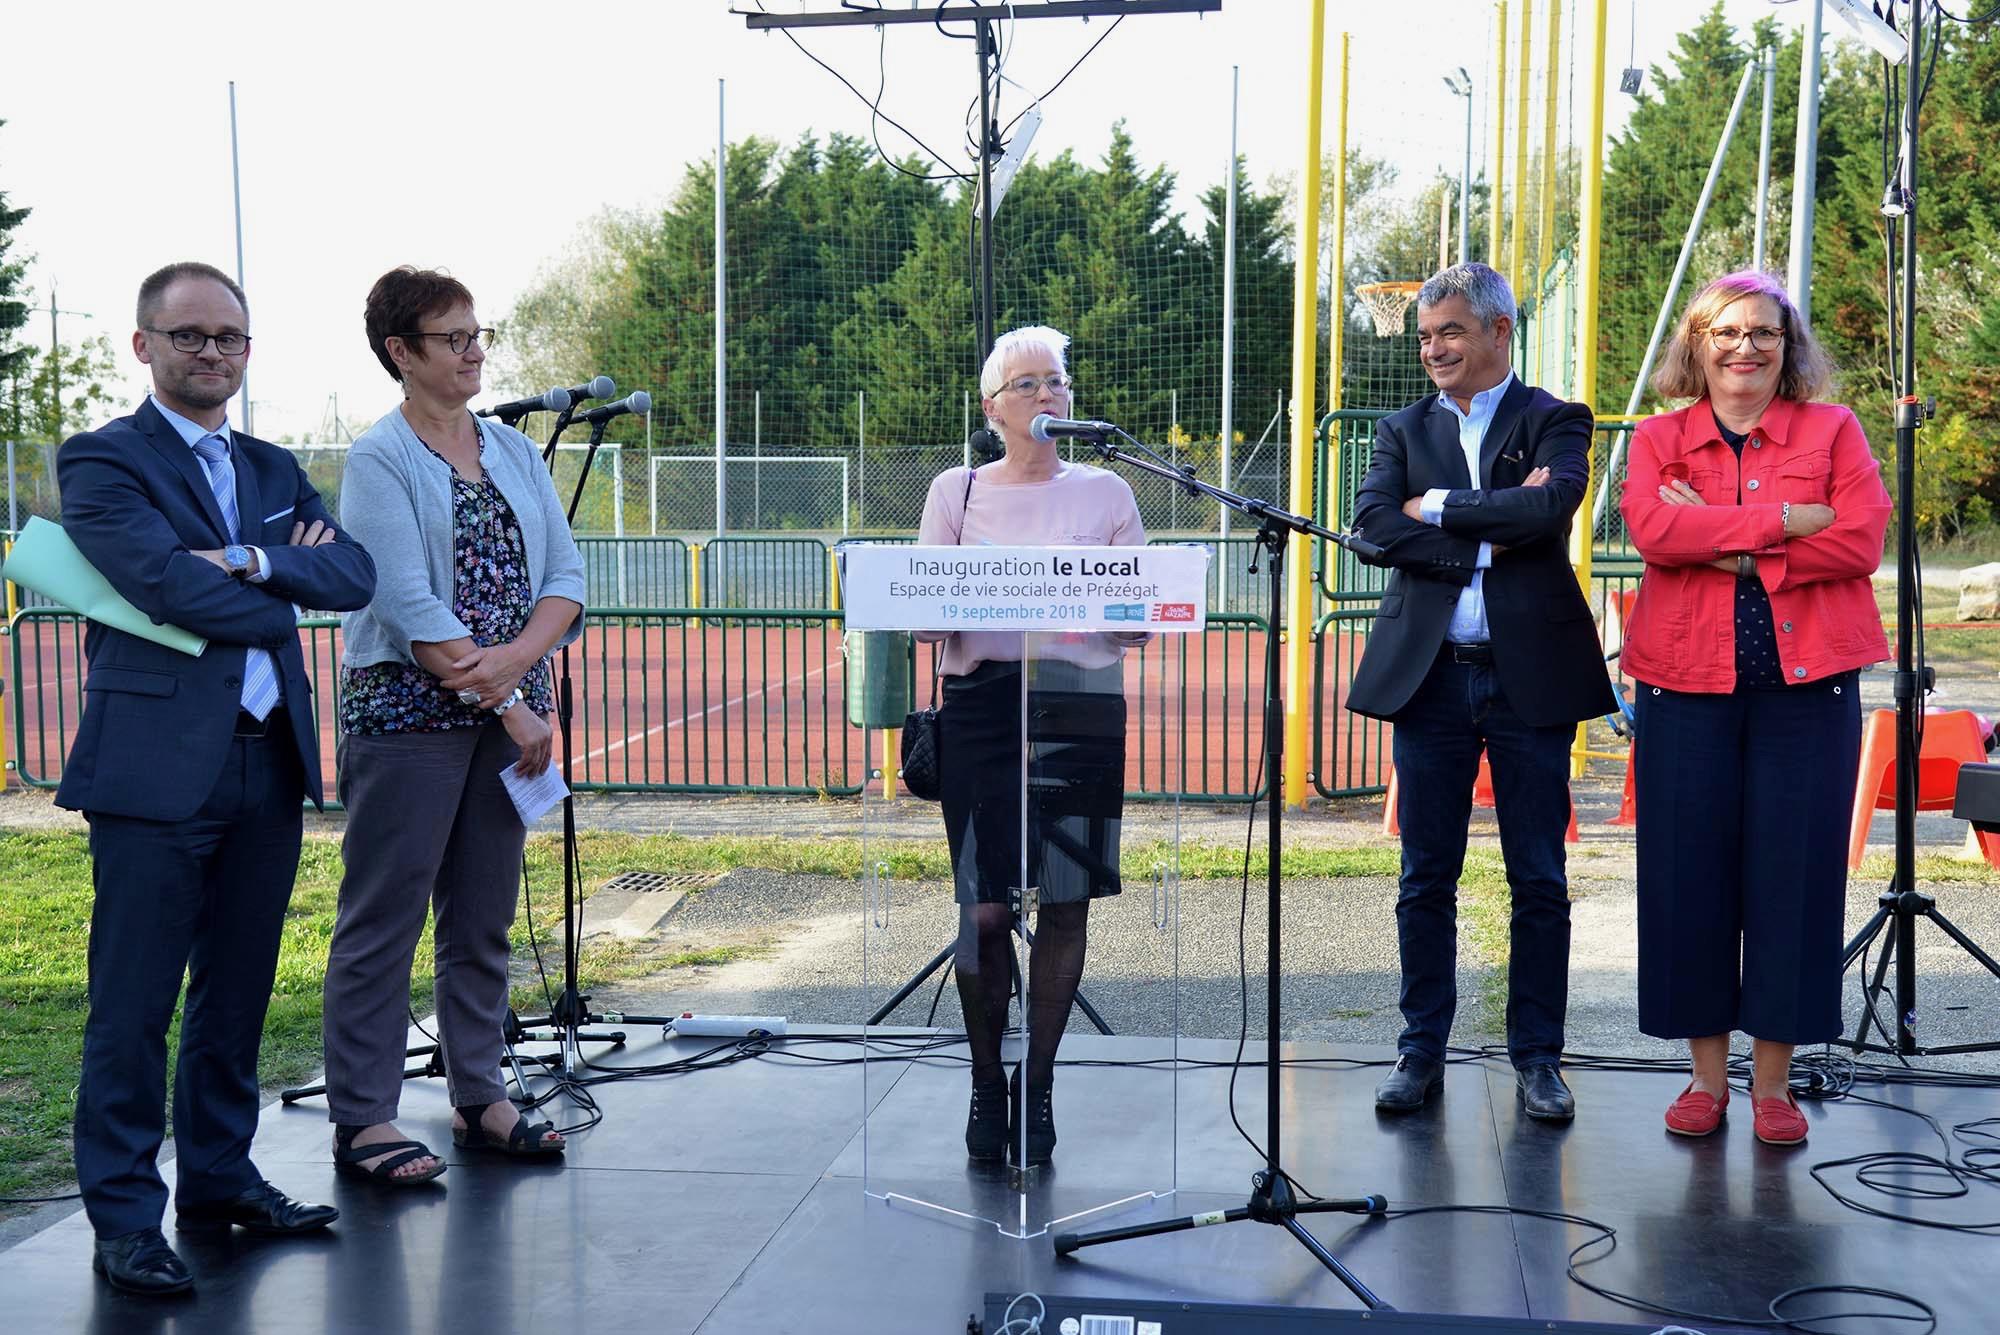 L'espace de vie sociale de Prézégat a été inauguré officiellement mercredi 19 septembre.